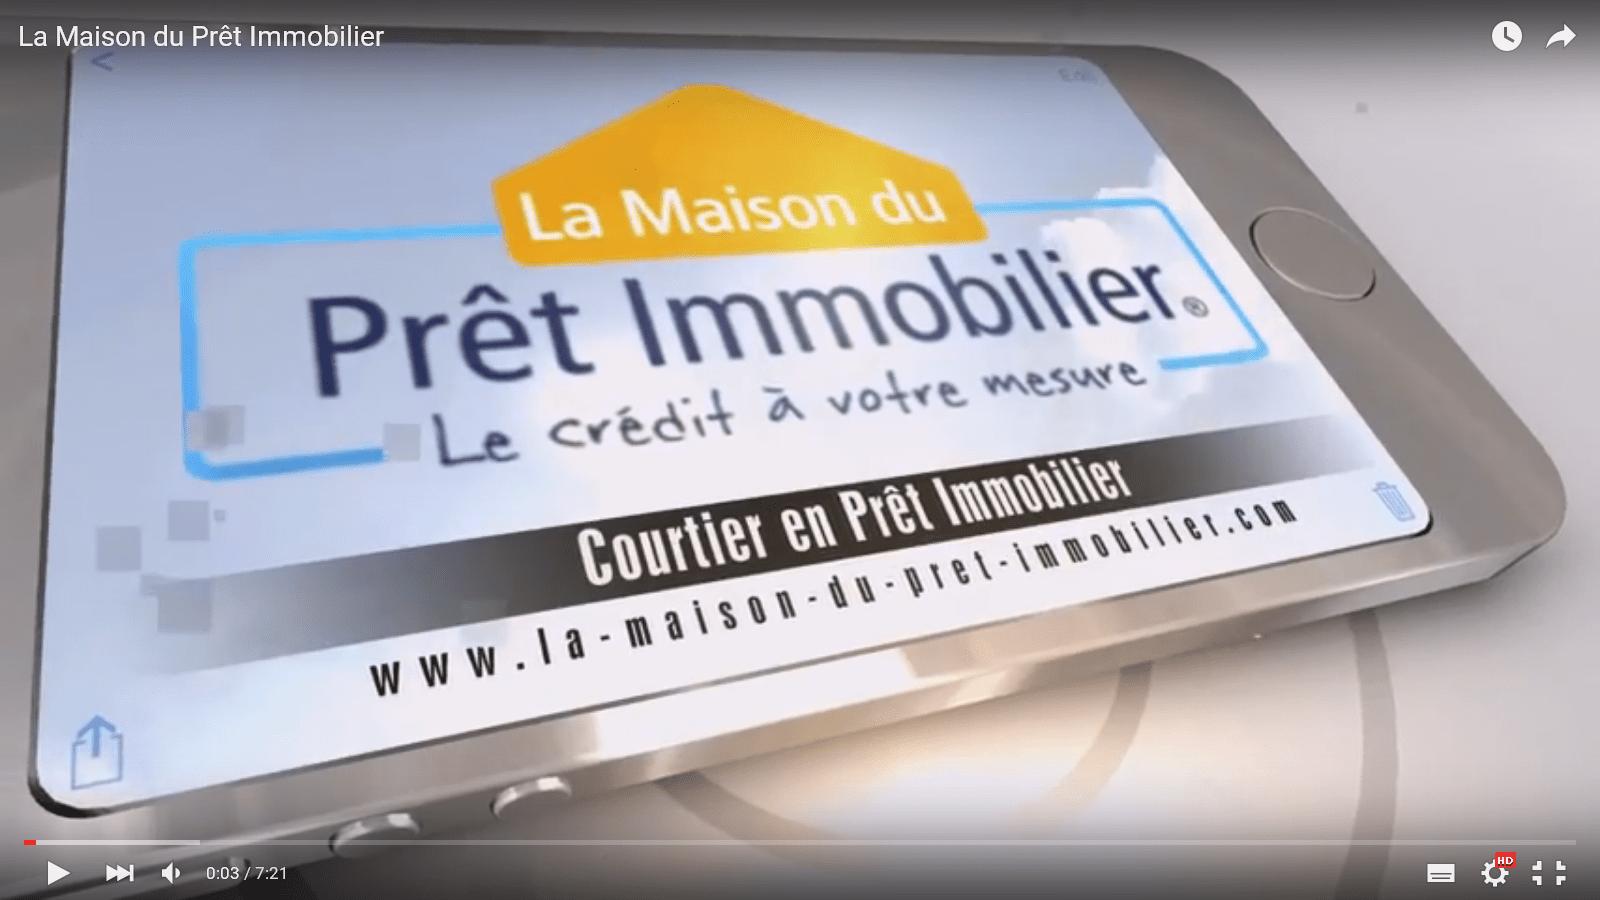 Présentation de La Maison du Prêt Immobilier en vidéo